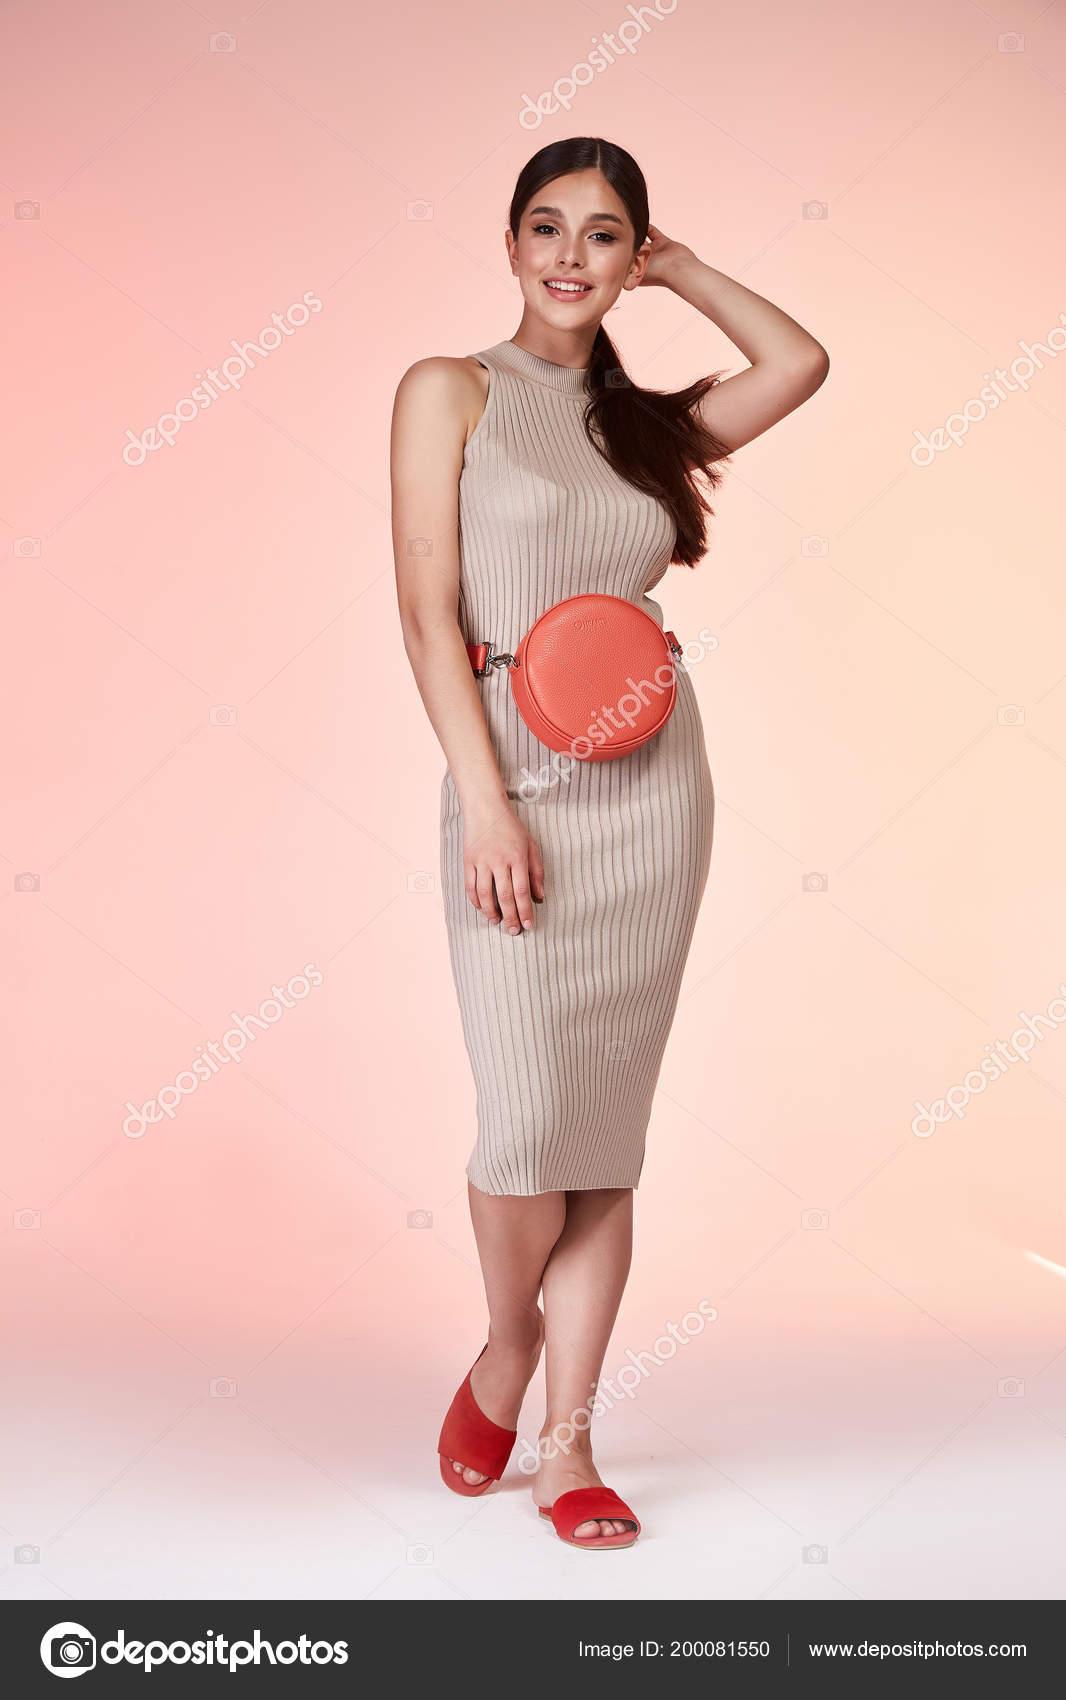 710b264b3a5 Sexy femme élégante beauté naturelle fashion style vêtements casual  formelle Dame en robe beige maigre romantique réunion date courroie  accessoire sac parti ...